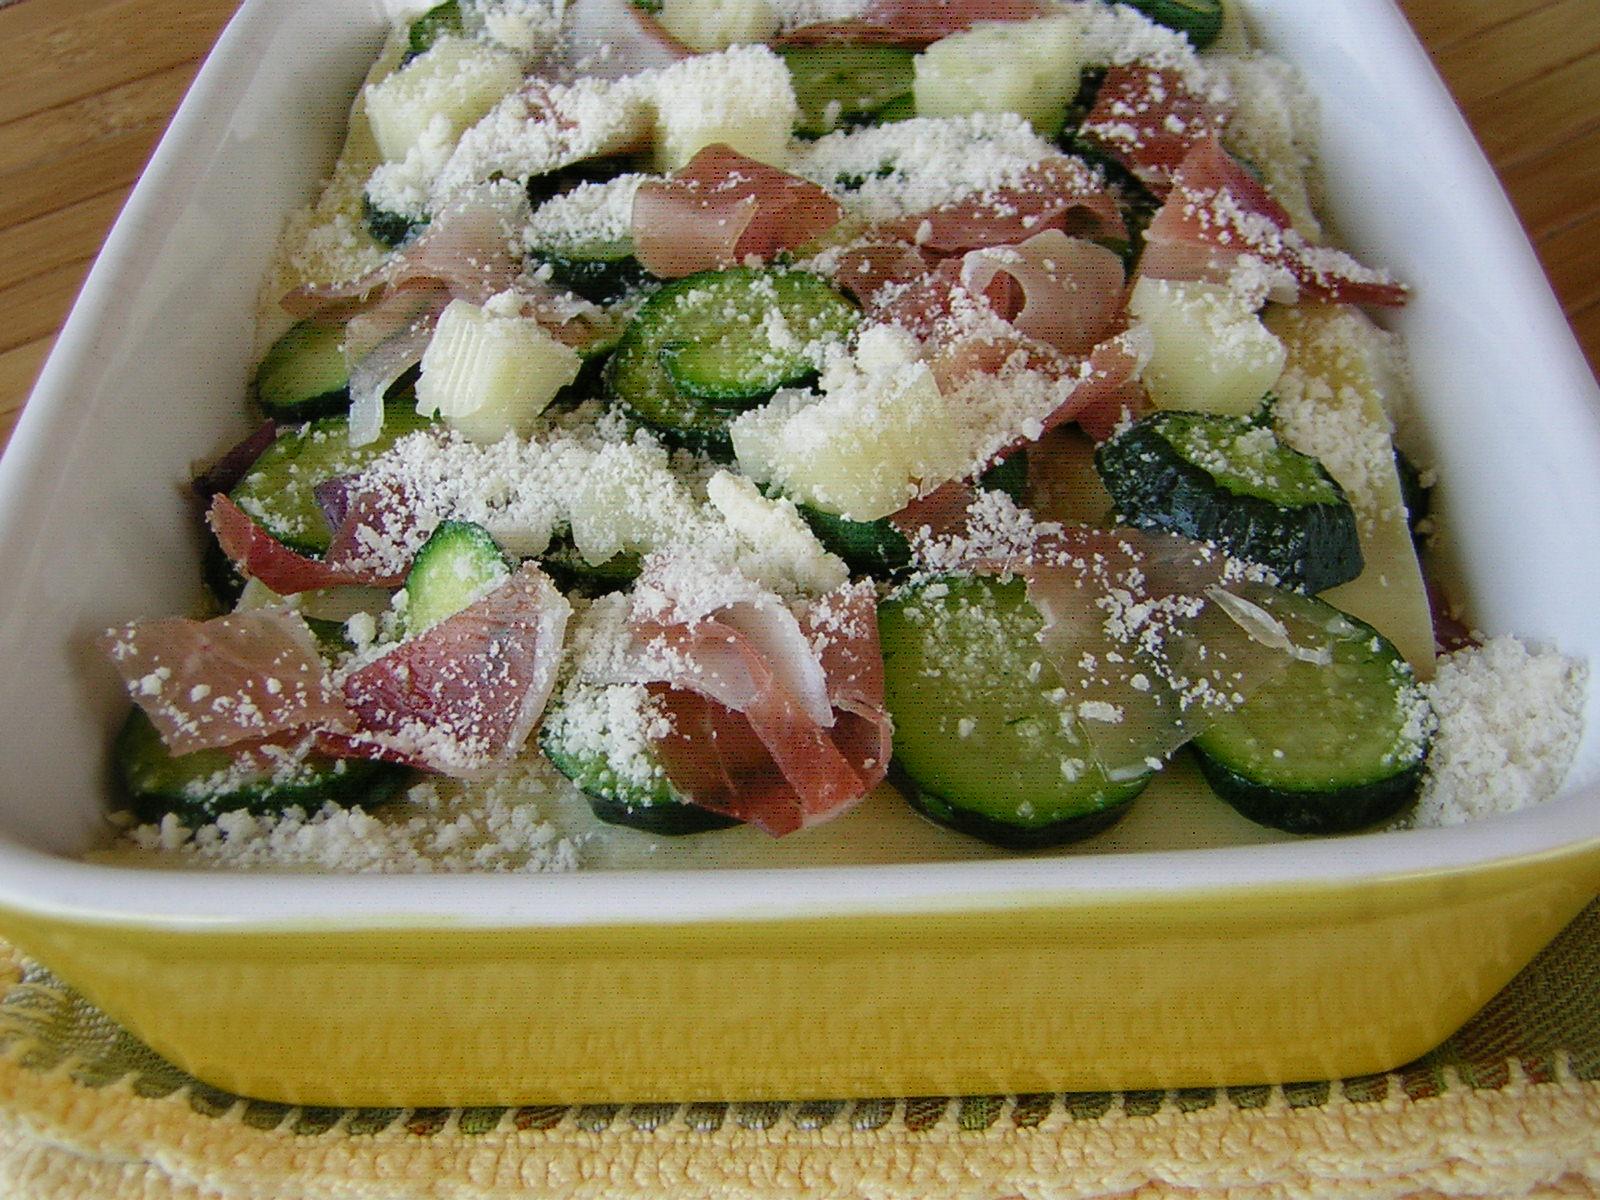 preparazione delle lasagne con zucchine